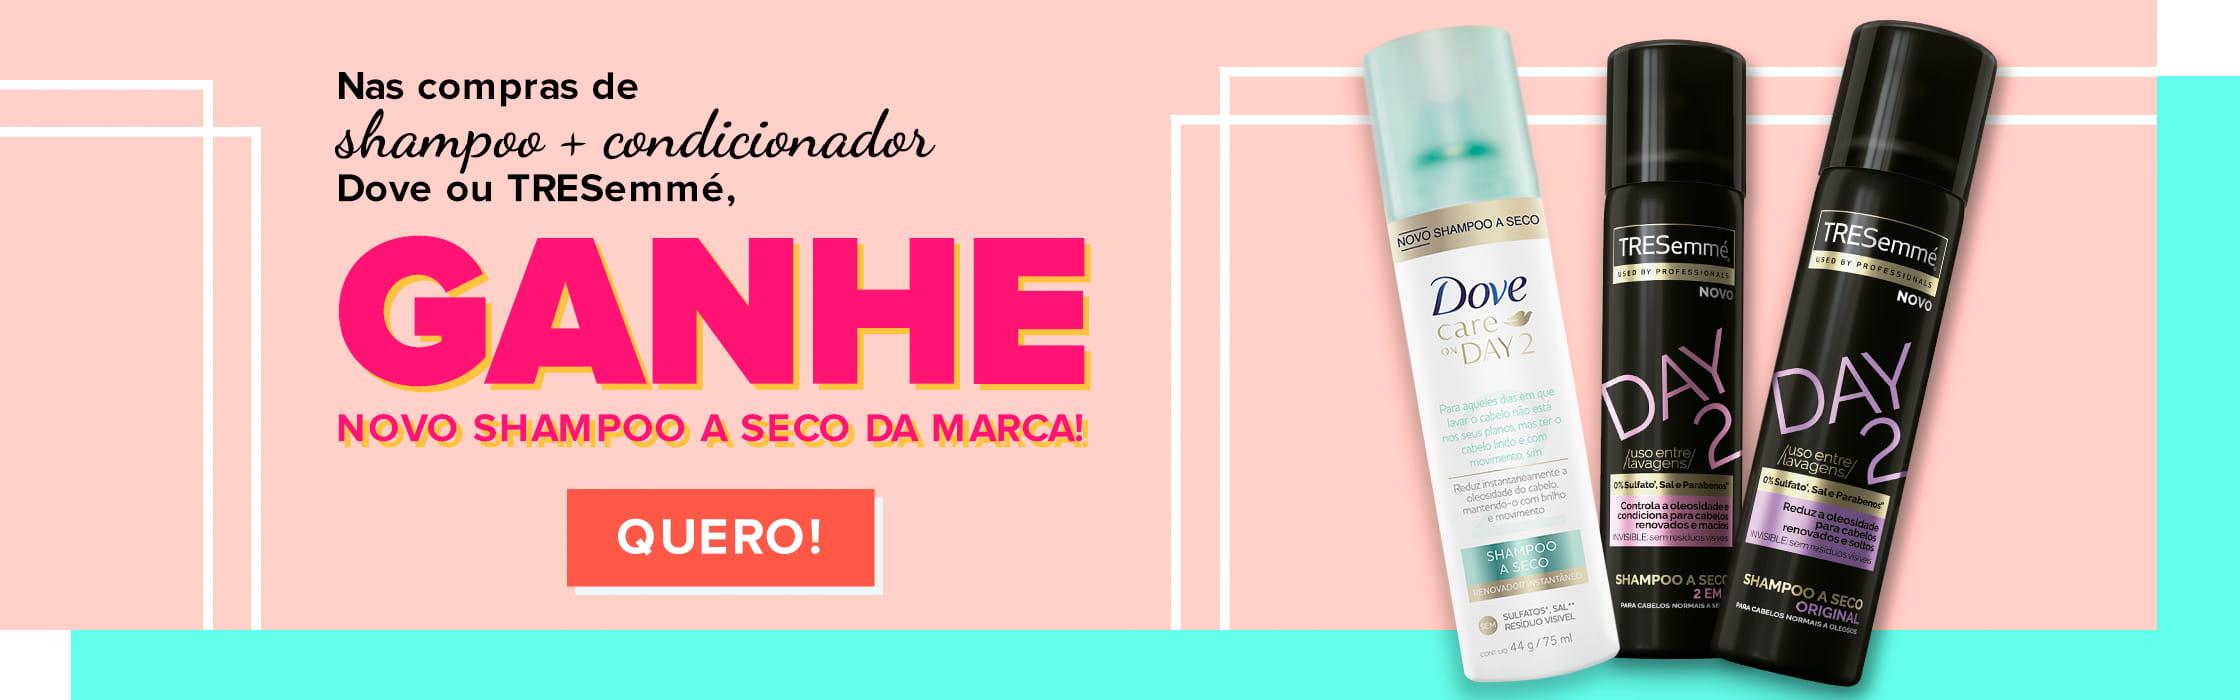 Compre Shampoo e Condicionador Dove ou Tresemmé e Ganhe Shampoo a Seco